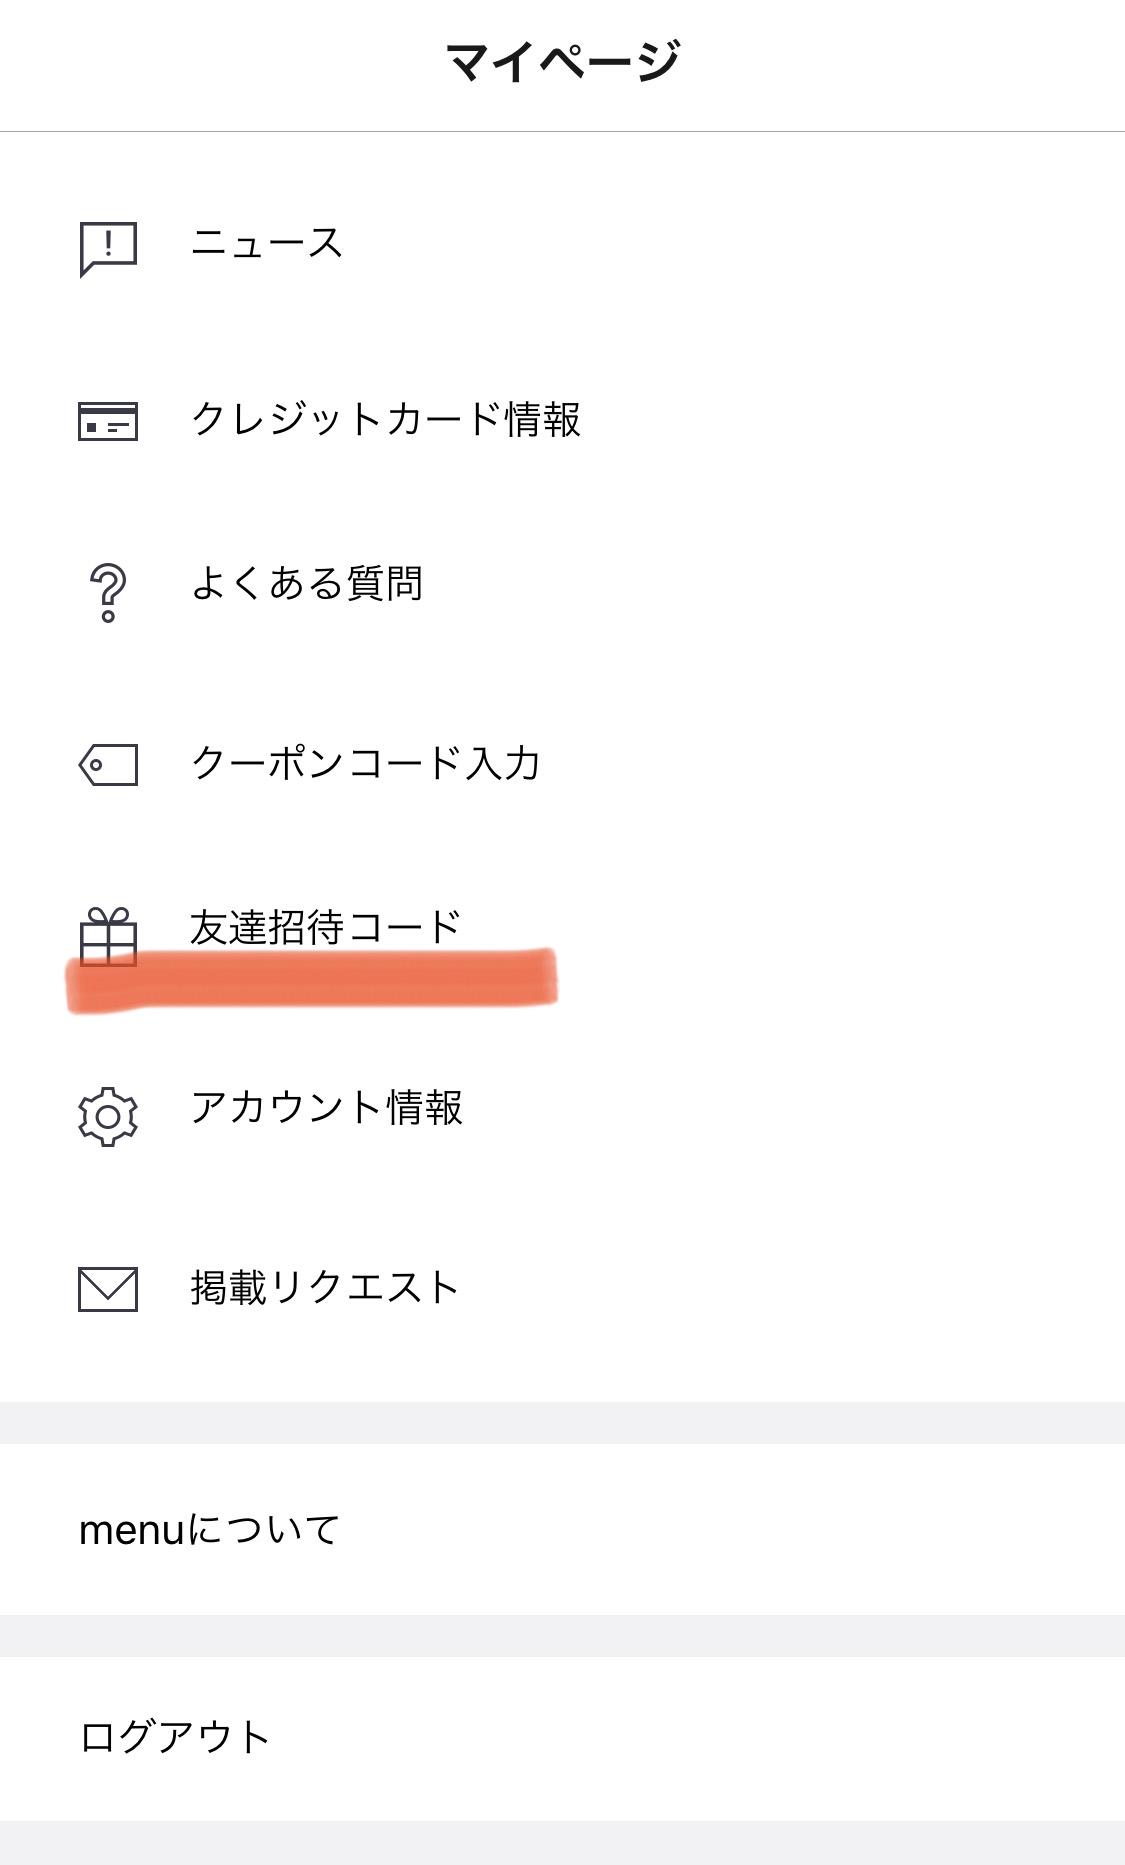 menu マイページ 友達招待コード